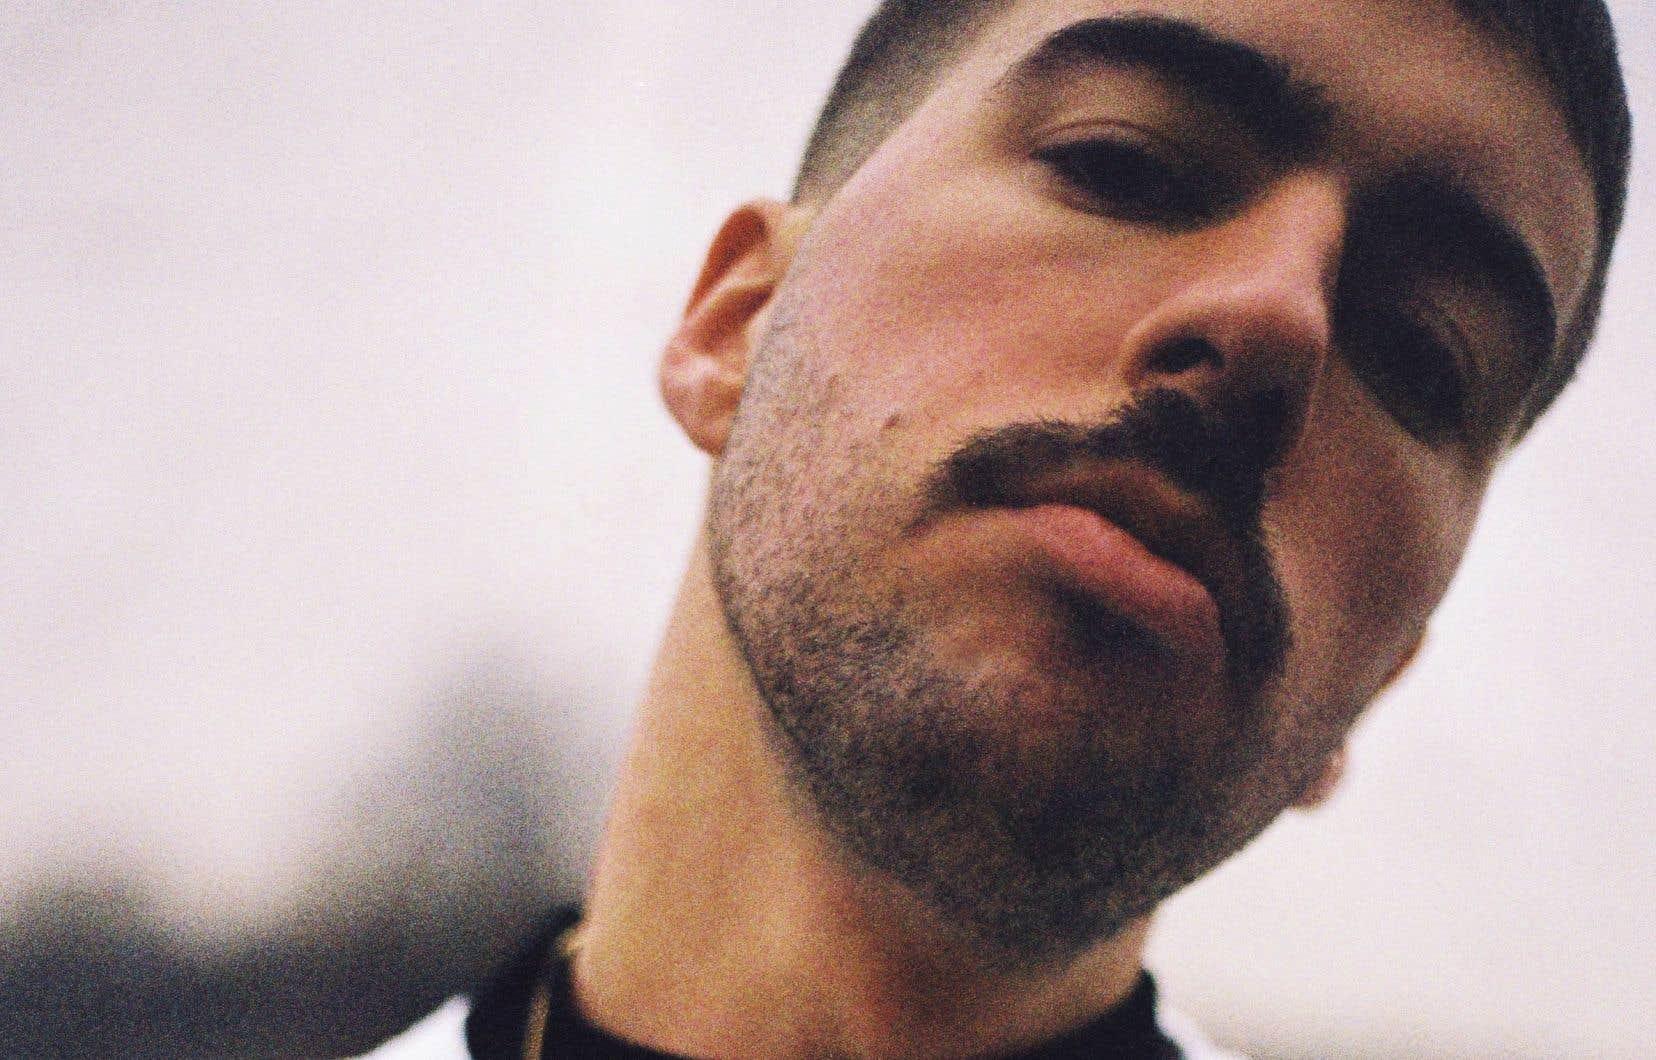 Le rappeur a fait paraître en mai dernier le minialbum de sept titres «P.S. Merci pour le love».